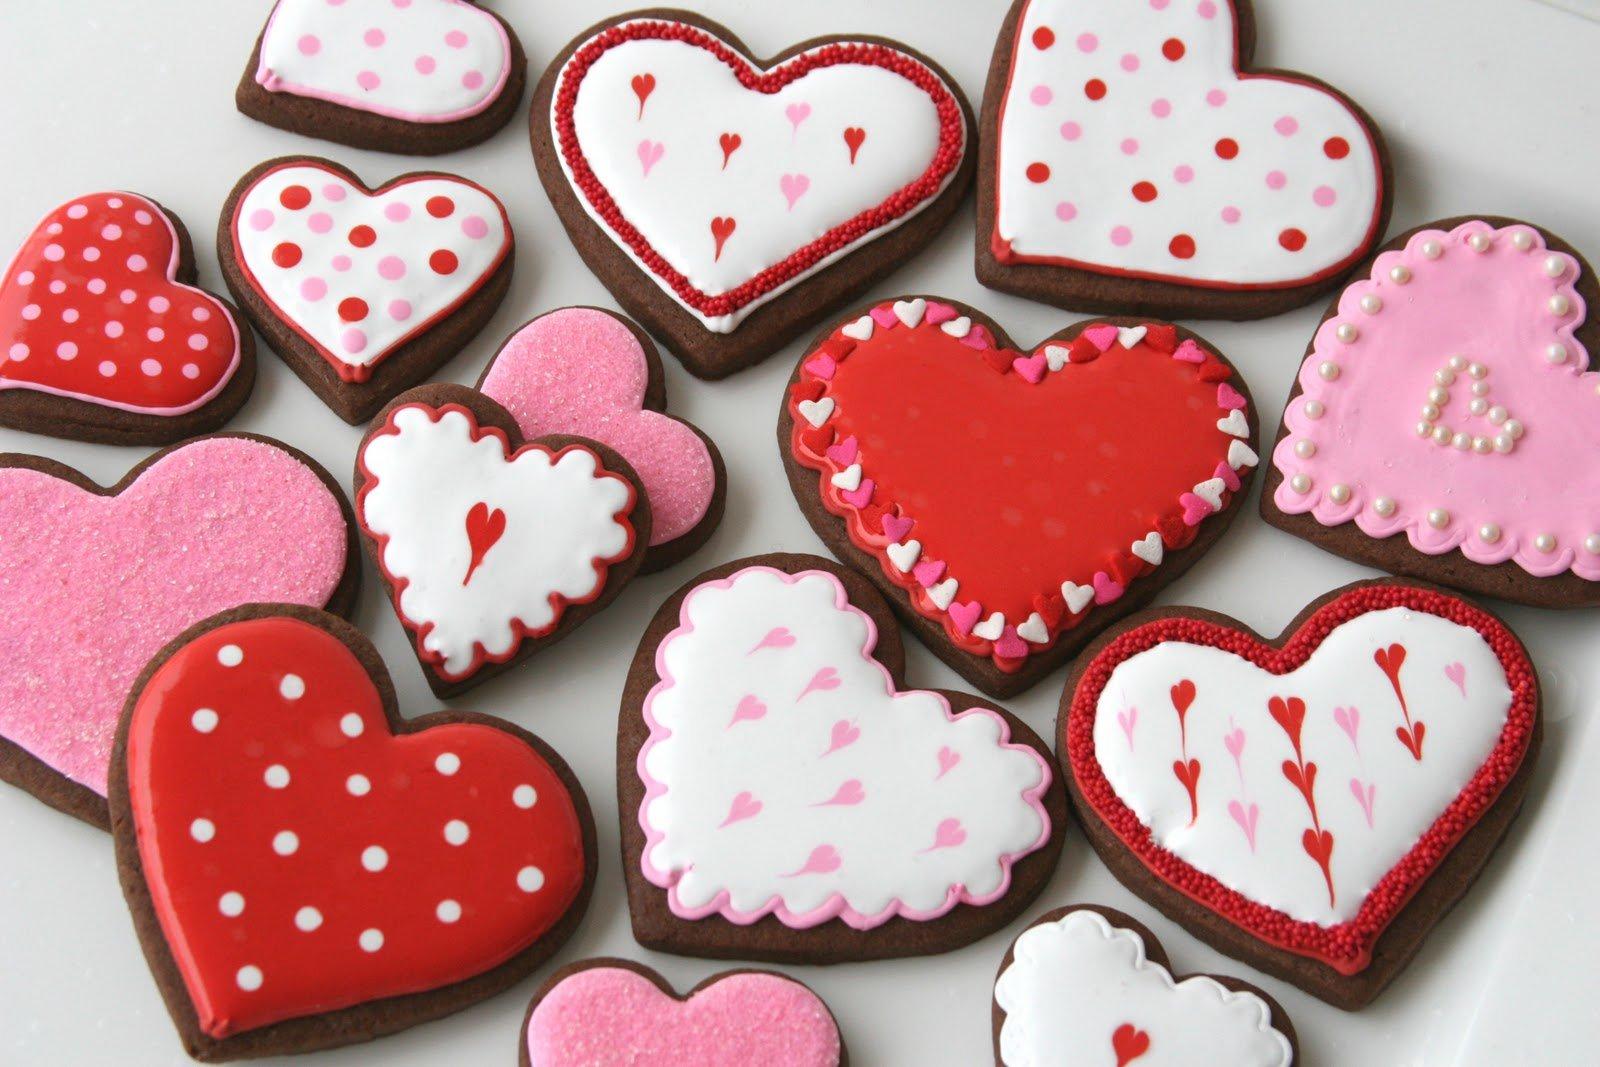 Valentine Trắng có nguồn gốc từ Nhật Bản, là ngày những người yêu nhau đáp trả tình cảm với nửa kia của mình